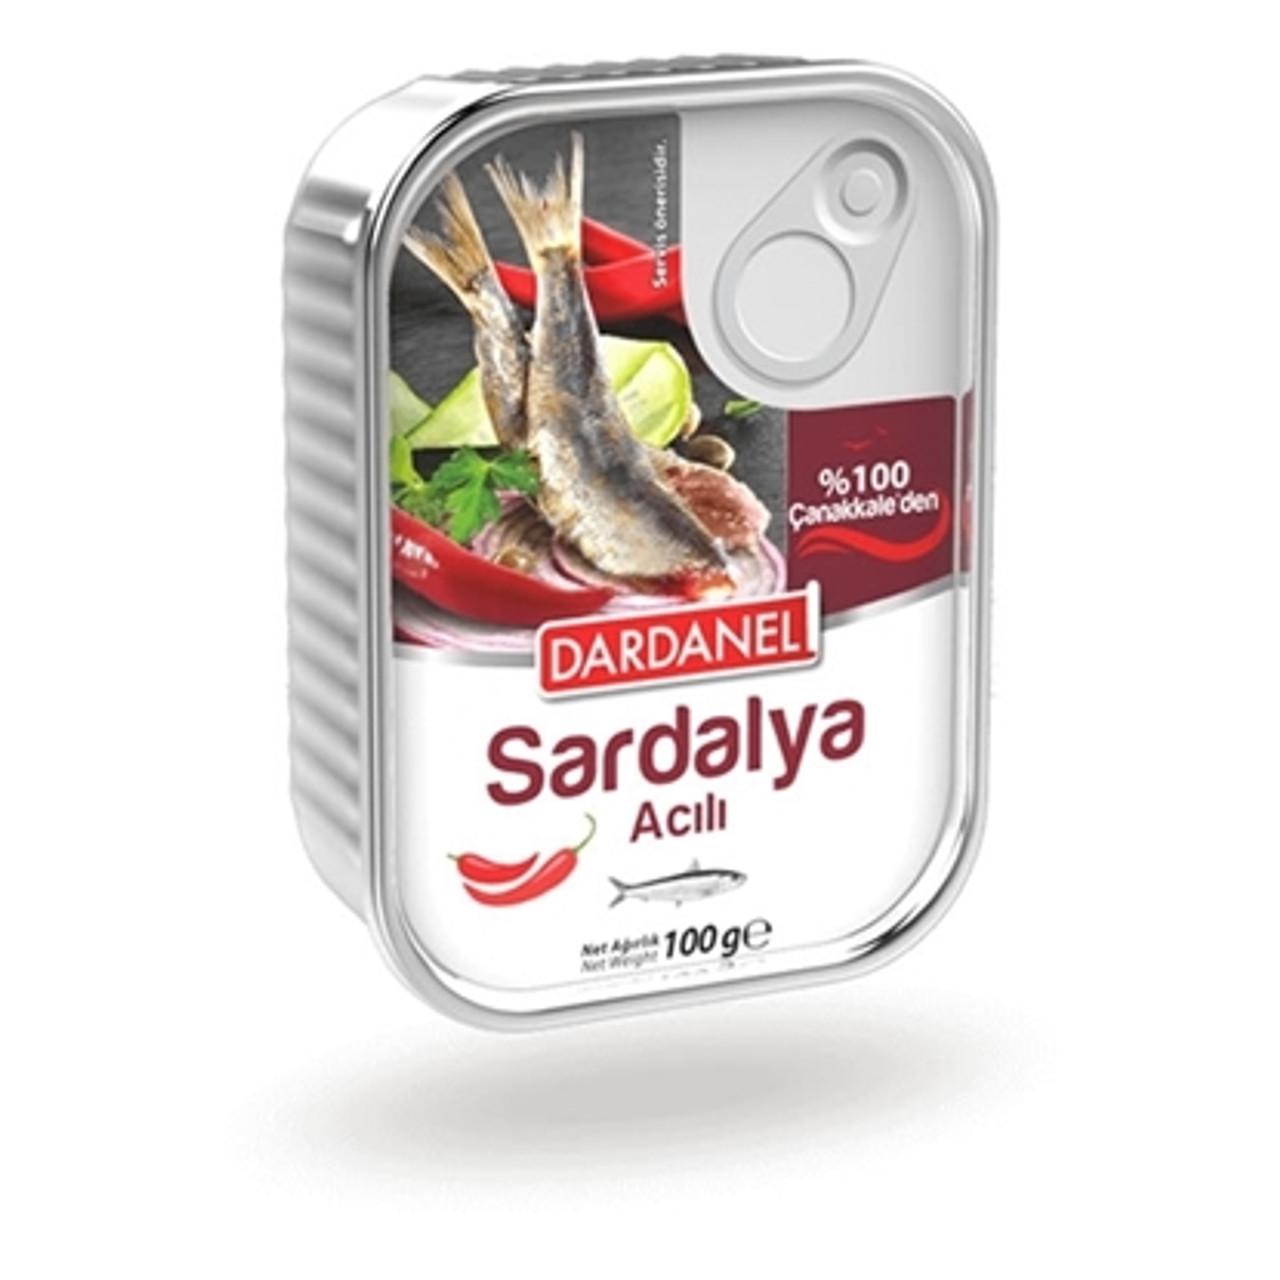 Hot Sardines in Oil Dardanel     100g.